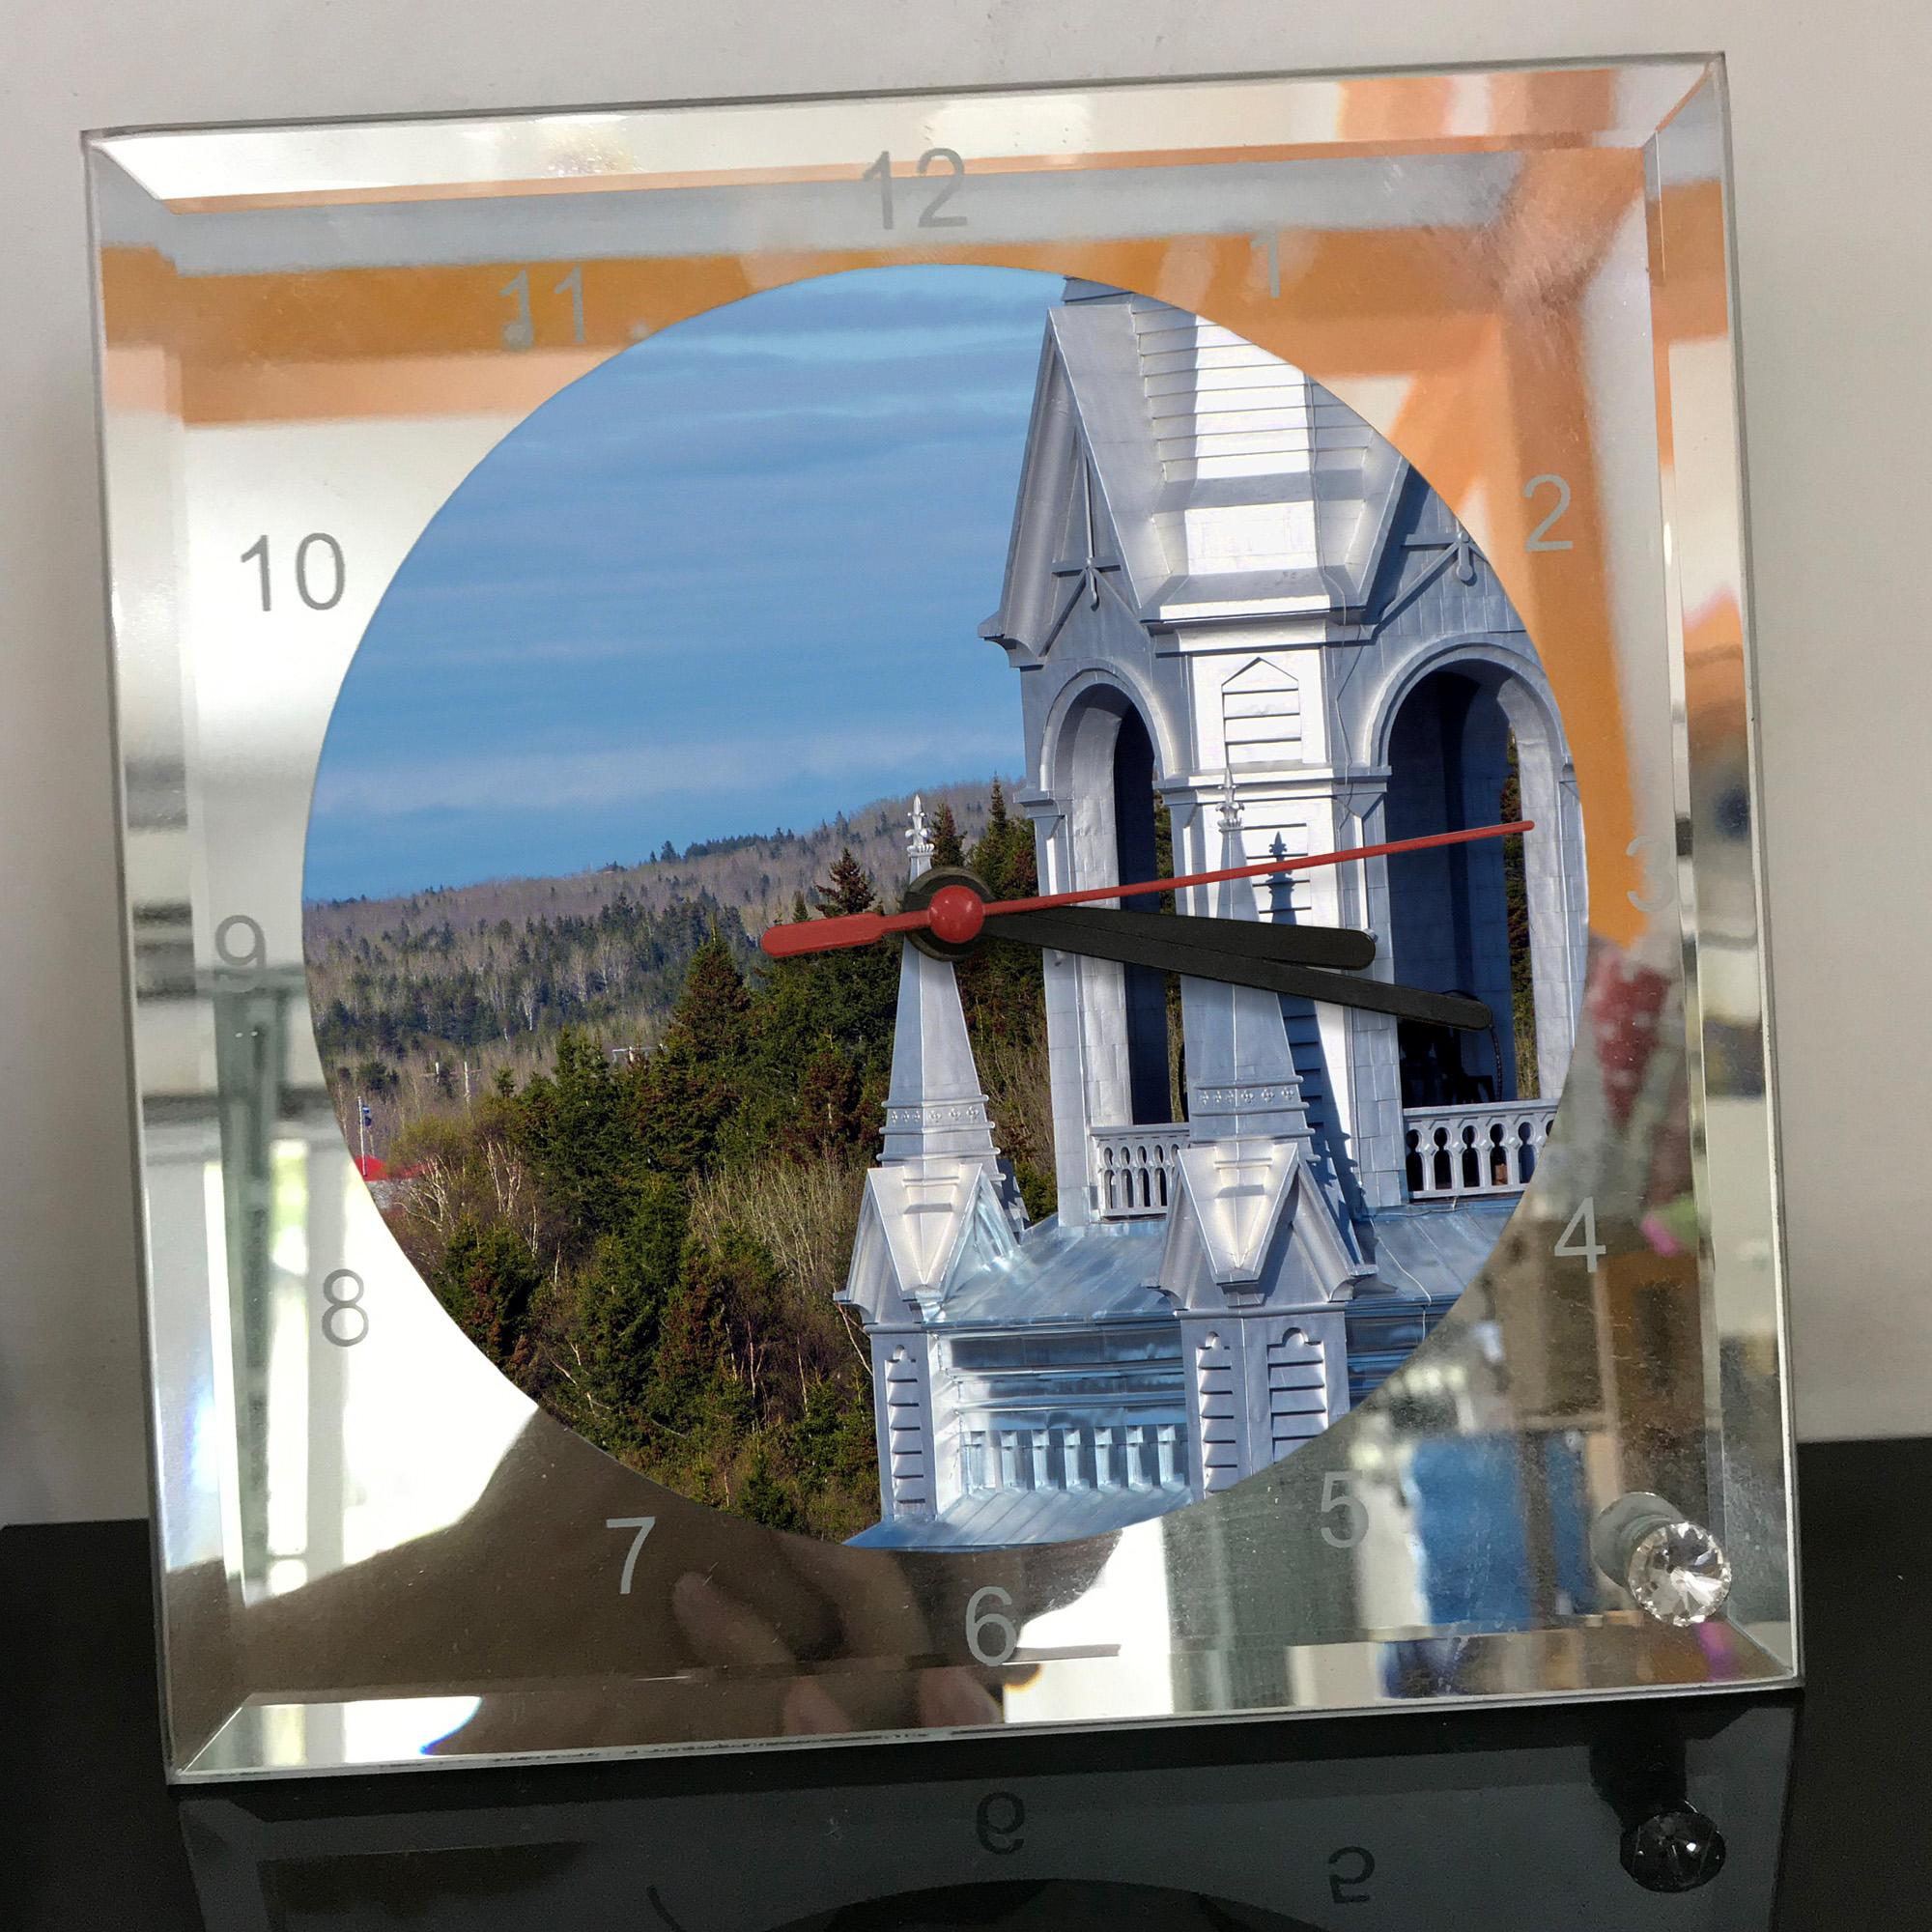 Đồng hồ thủy tinh vuông 20x20 in hình Church - nhà thờ (115) . Đồng hồ thủy tinh để bàn trang trí đẹp chủ đề tôn giáo